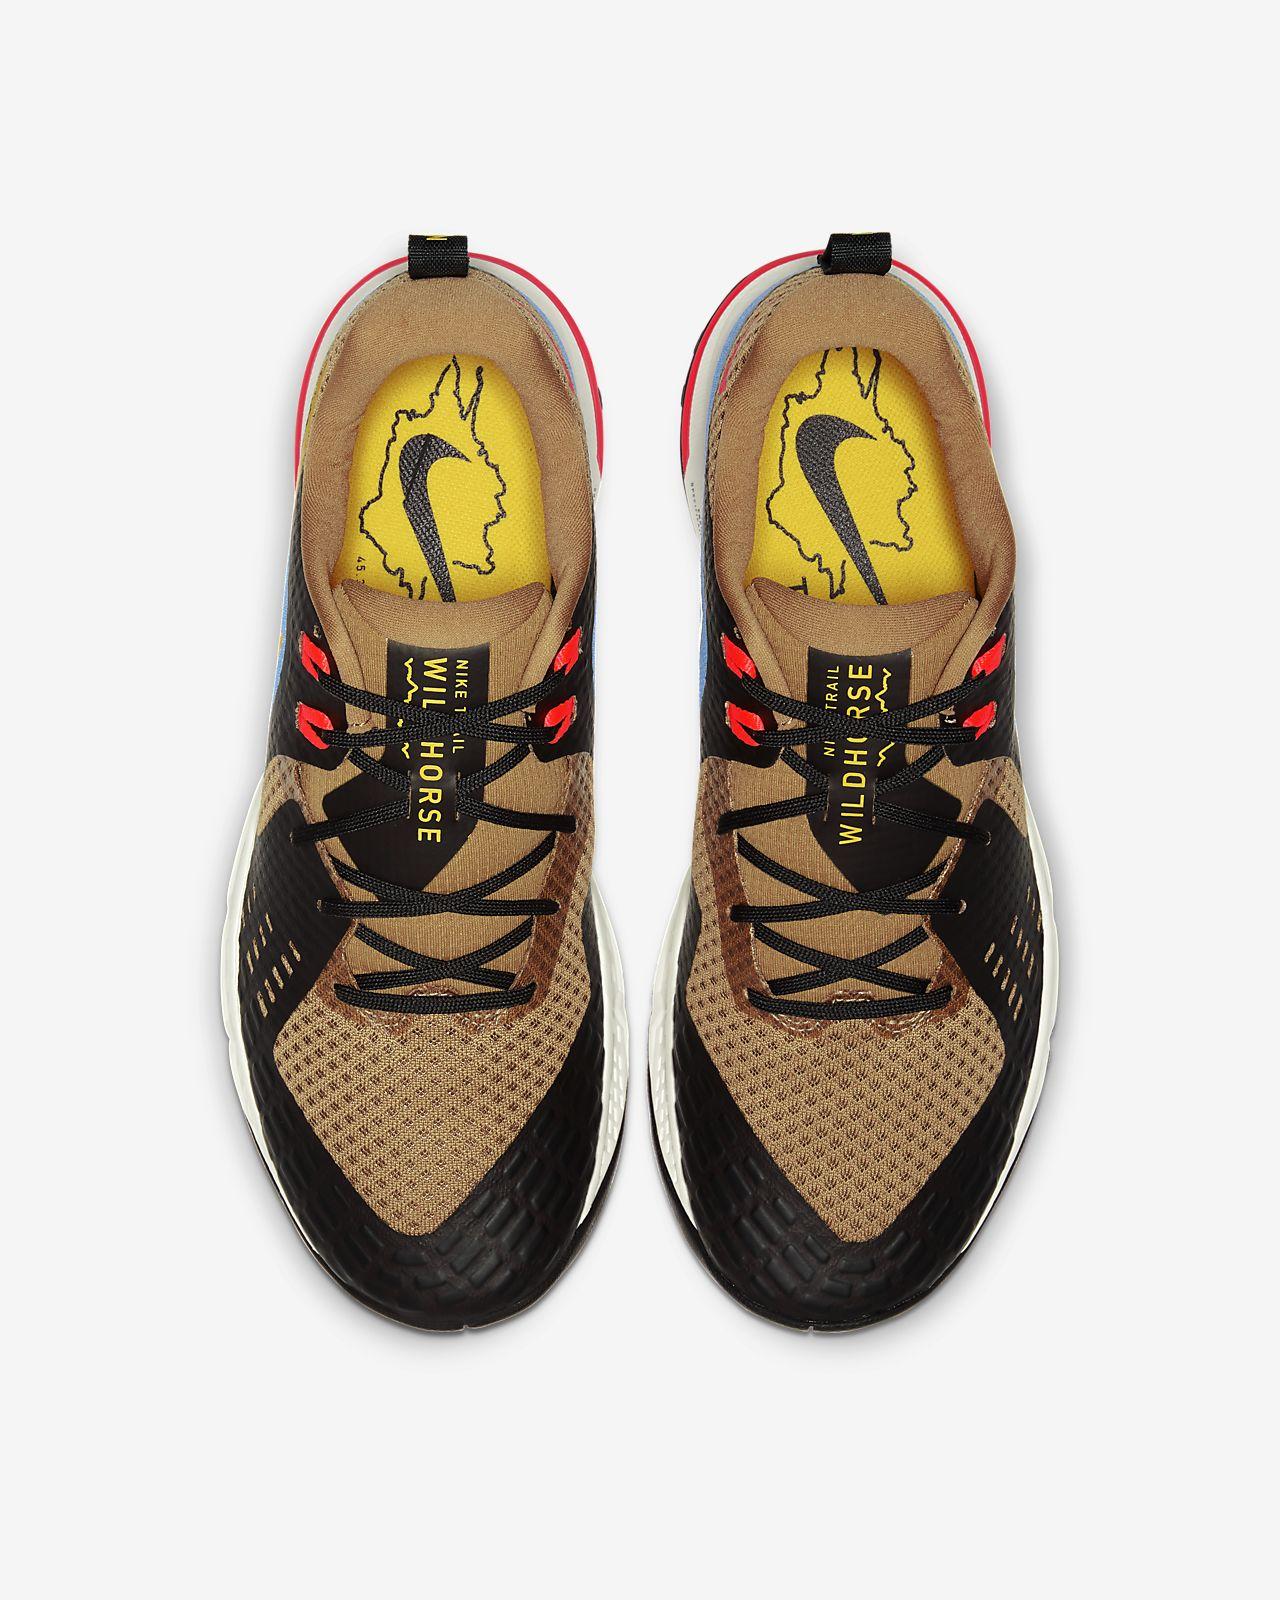 datum vydání: 100% kvalita online Pánská běžecká trailová bota Nike Air Zoom Wildhorse 5